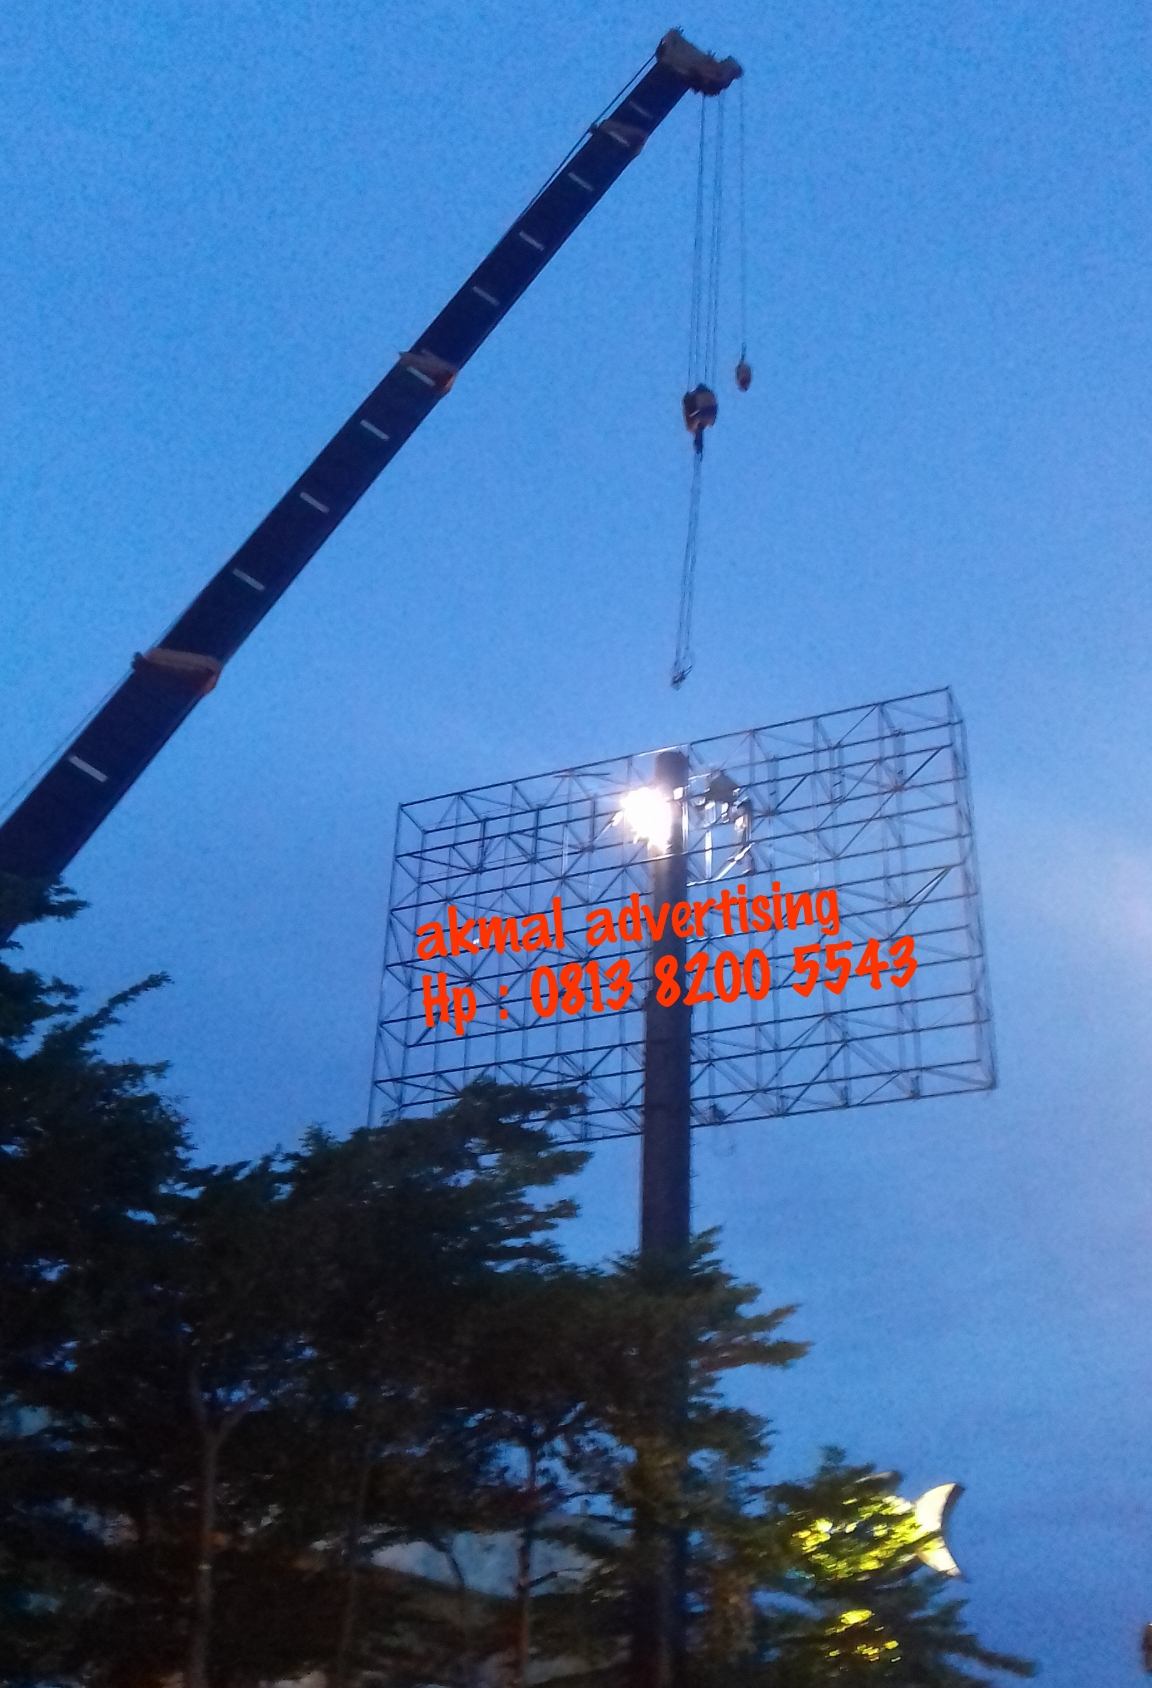 jasa pemasangan billboard di kota bekasi